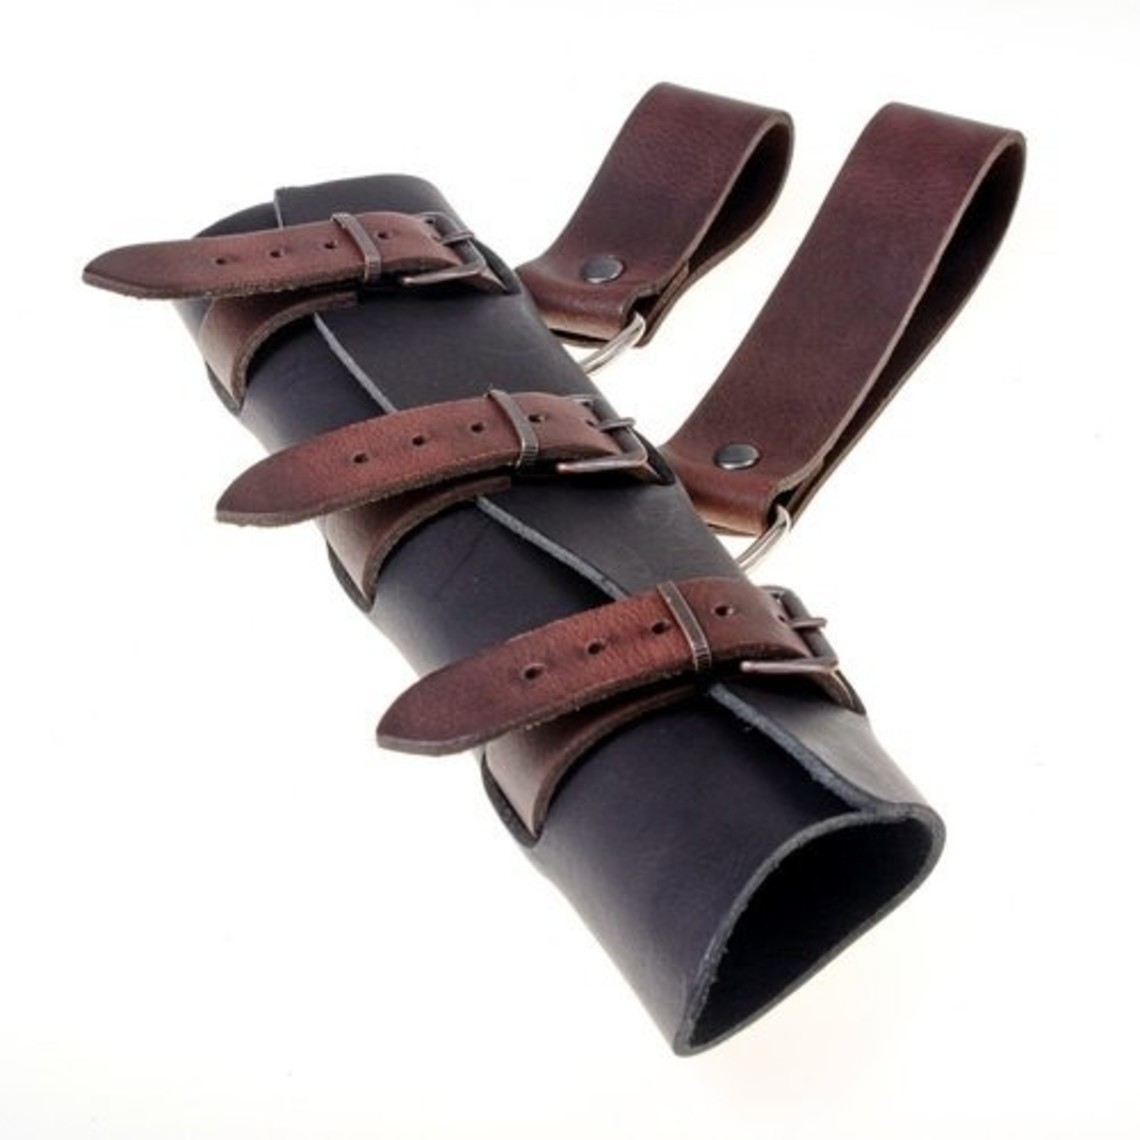 Porte-épée en cuir de luxe, brun-noir, longue